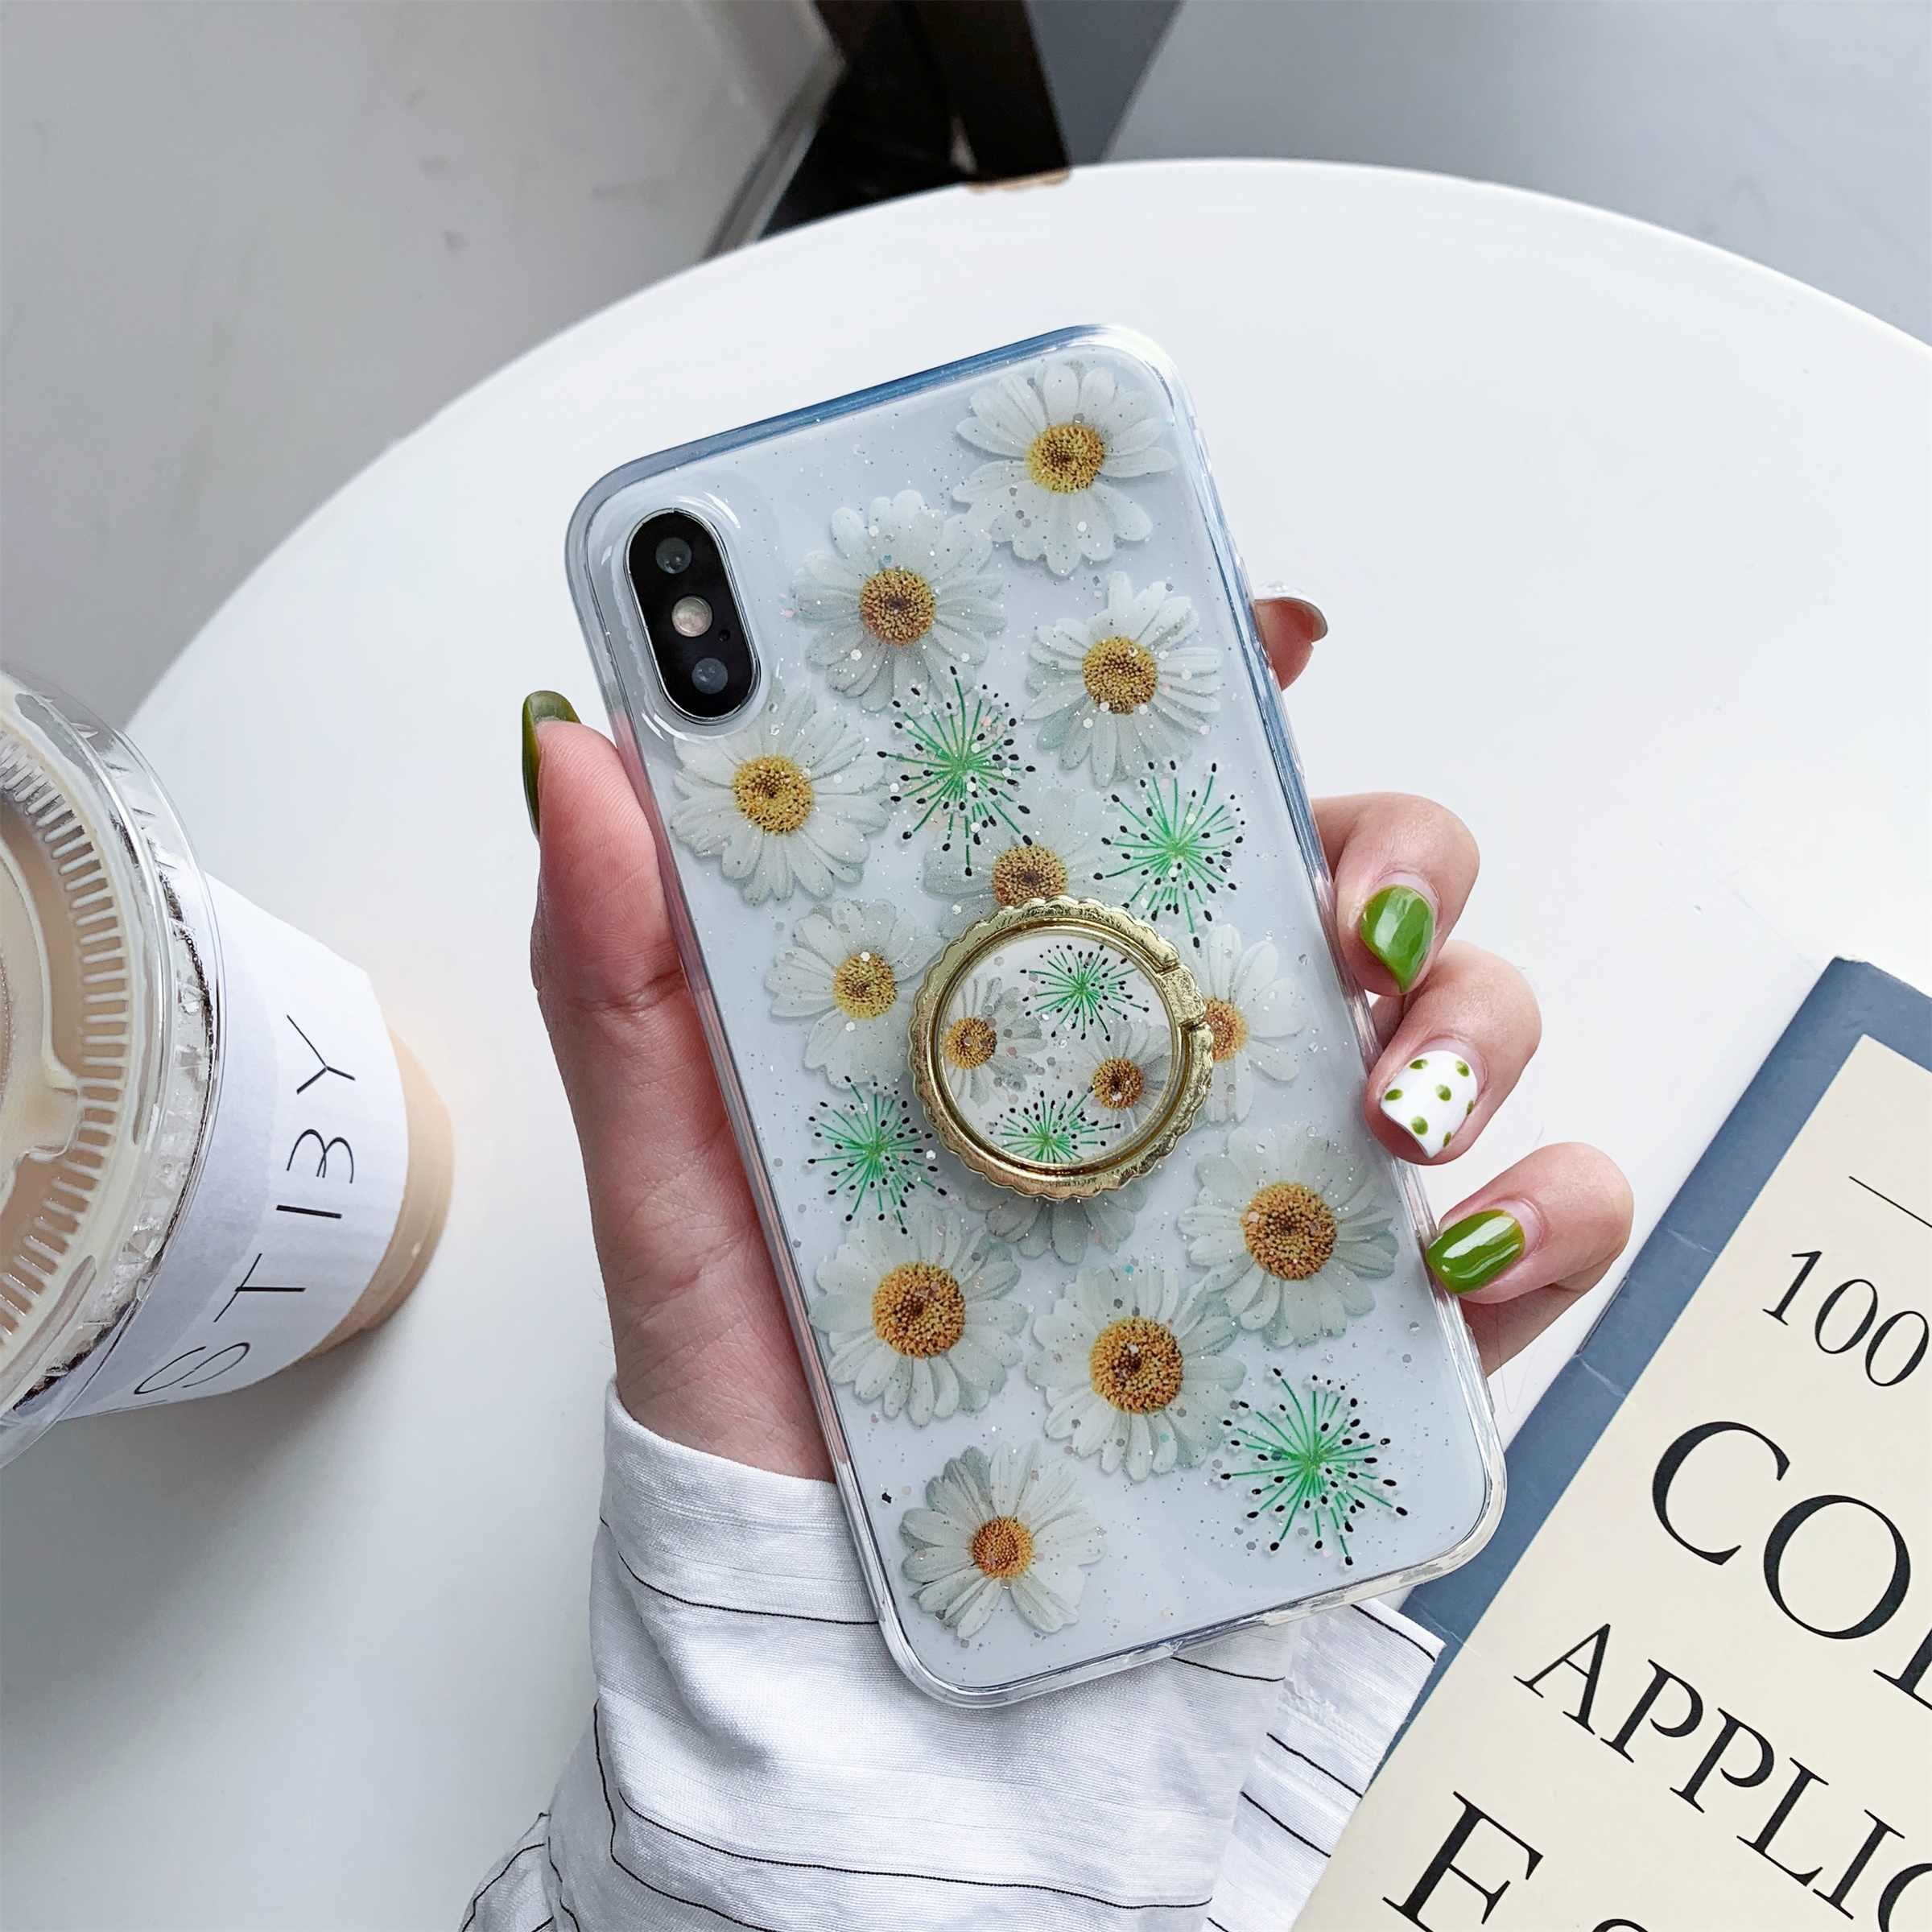 لسامسونج S9 S9plus Note8 Note9 S10 S10plus S10E كوريا الشمس الزهور بريق الراتنج شفافة غطاء إطار هاتف محمول مع البنصر